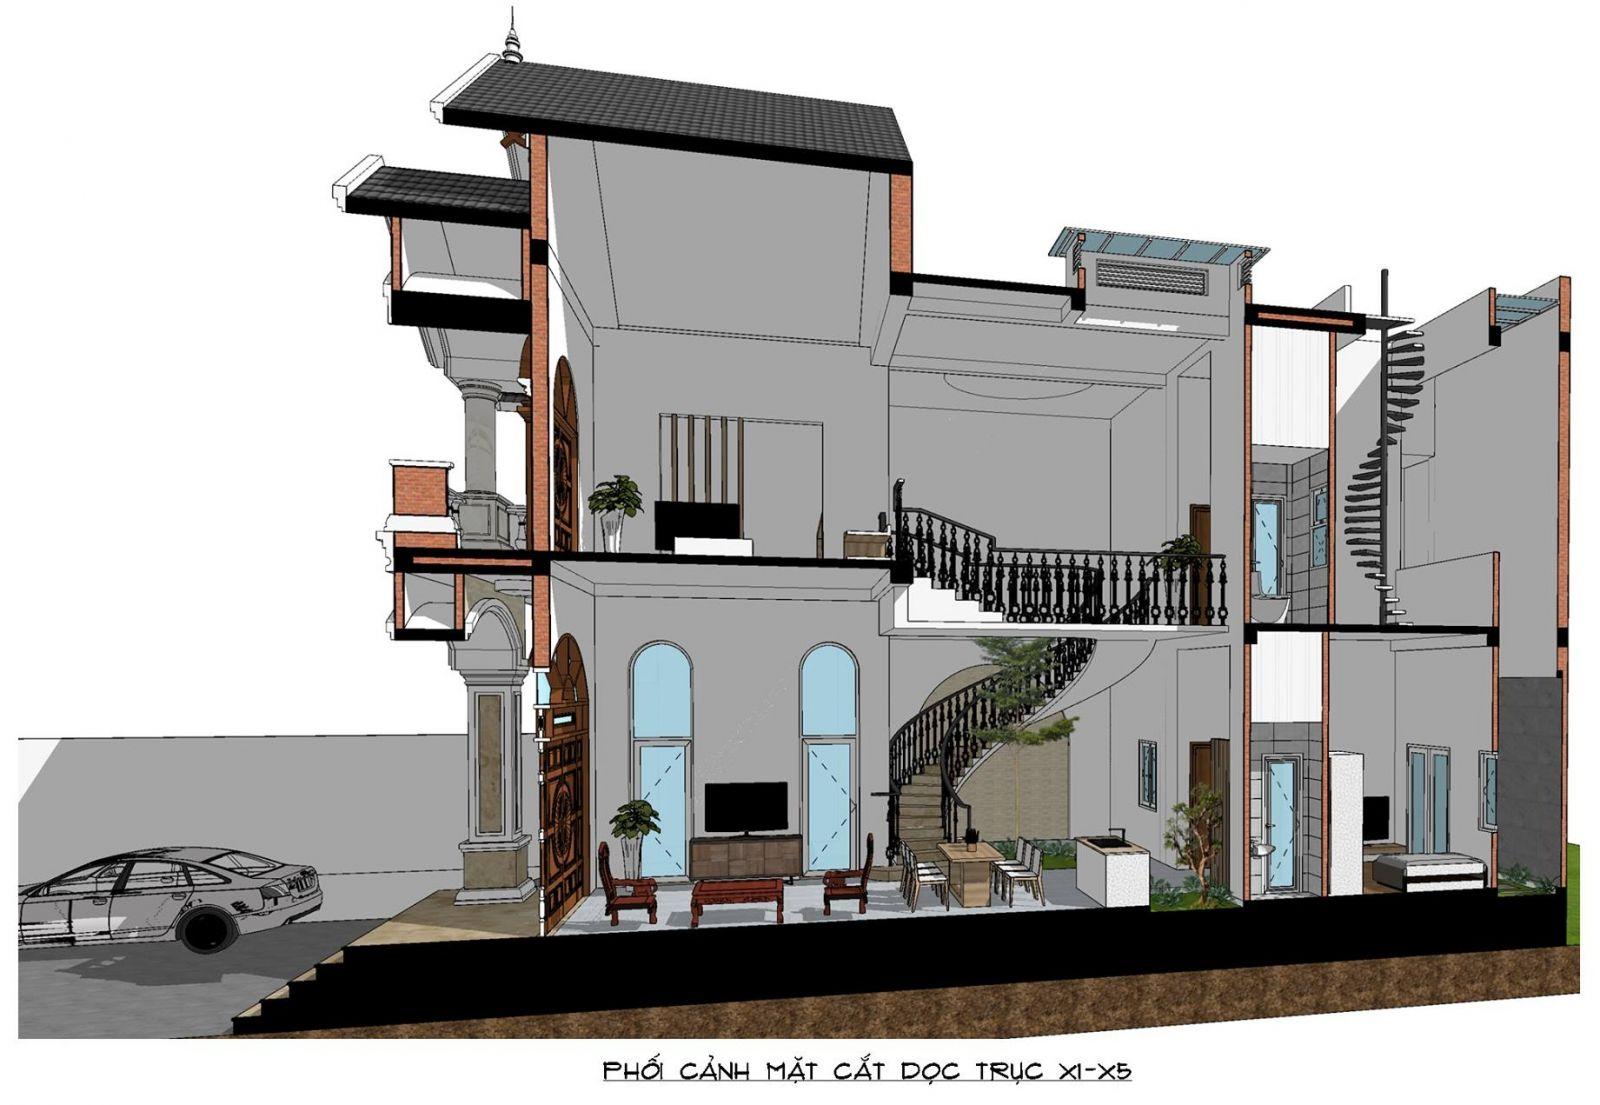 Phối cảnh mặt cắt nhà mặt phố mái thái 2 tầng